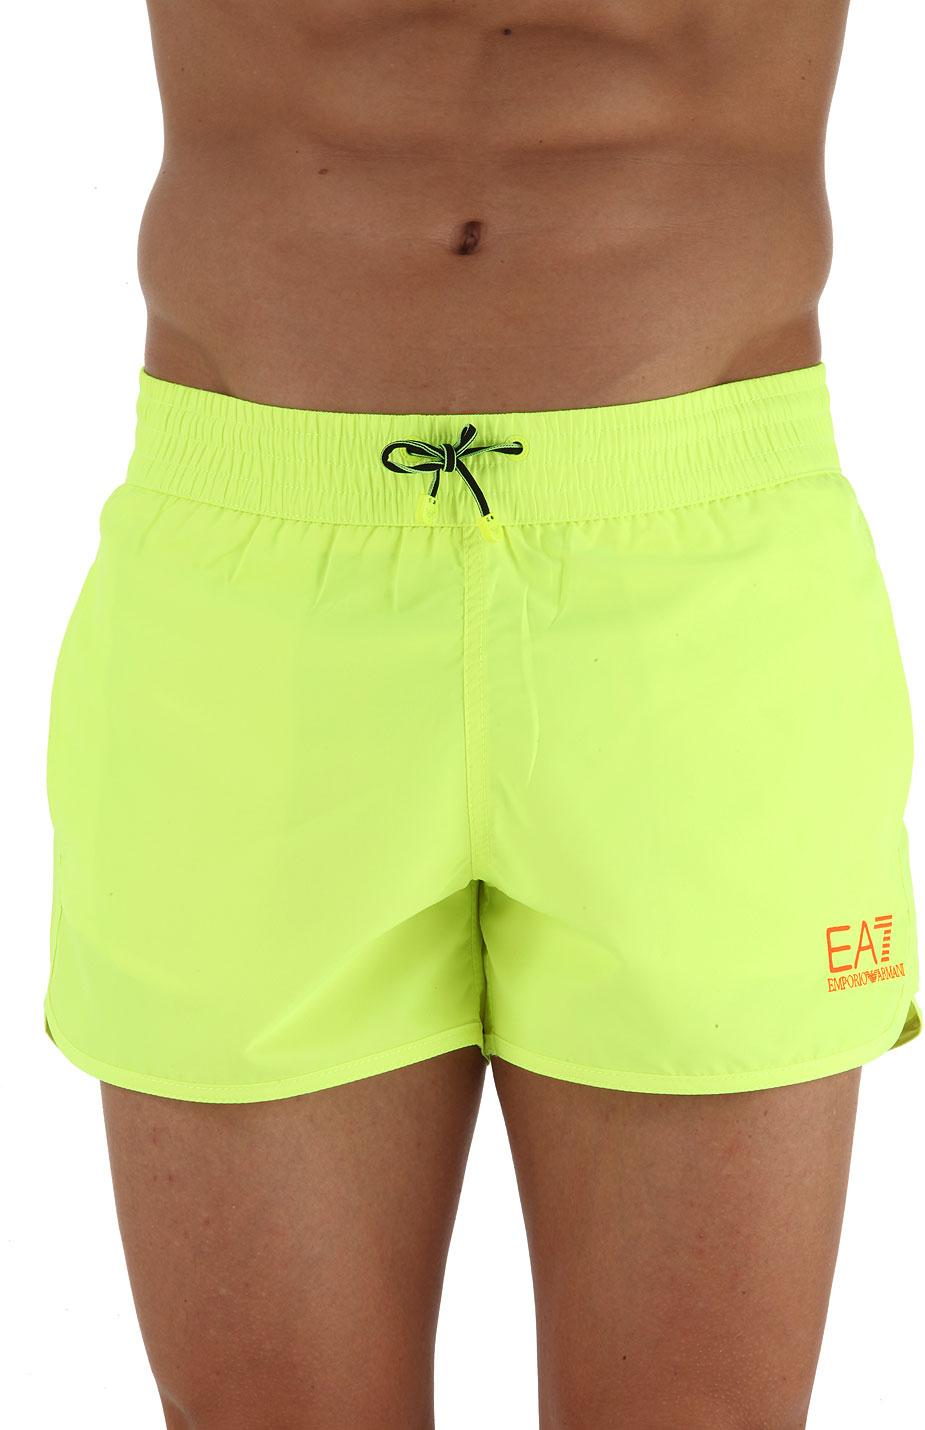 Shorts de bain  Emporio armani 902007 6P740 YELLOW 07483